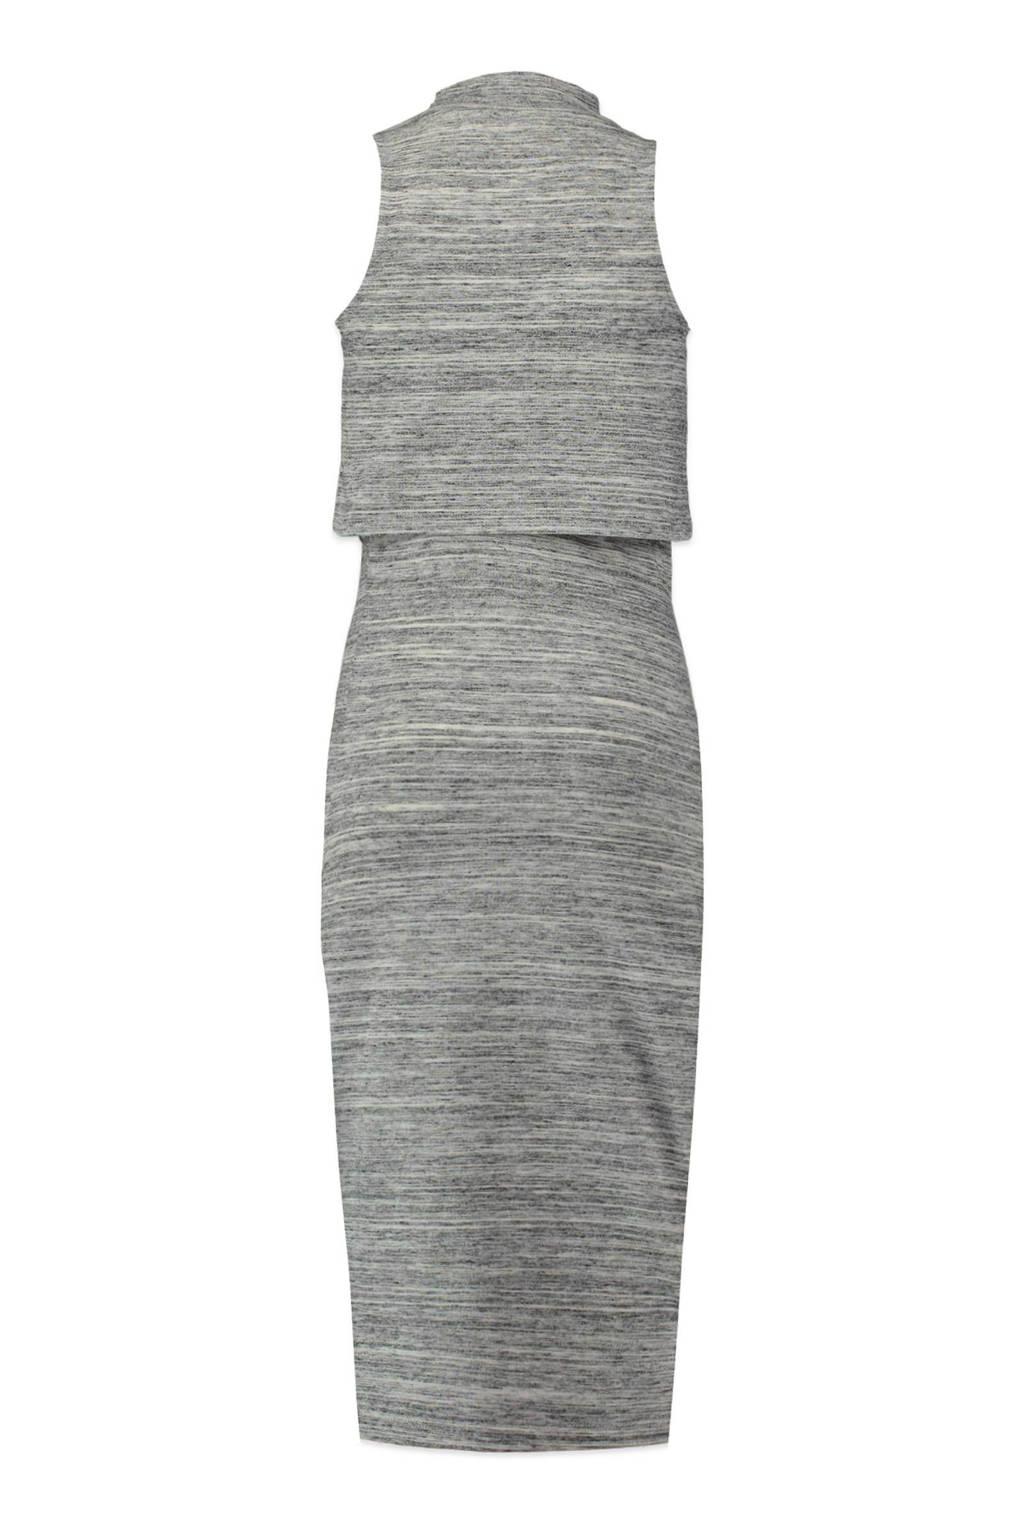 7ff4b576868b5f CoolCat jurk